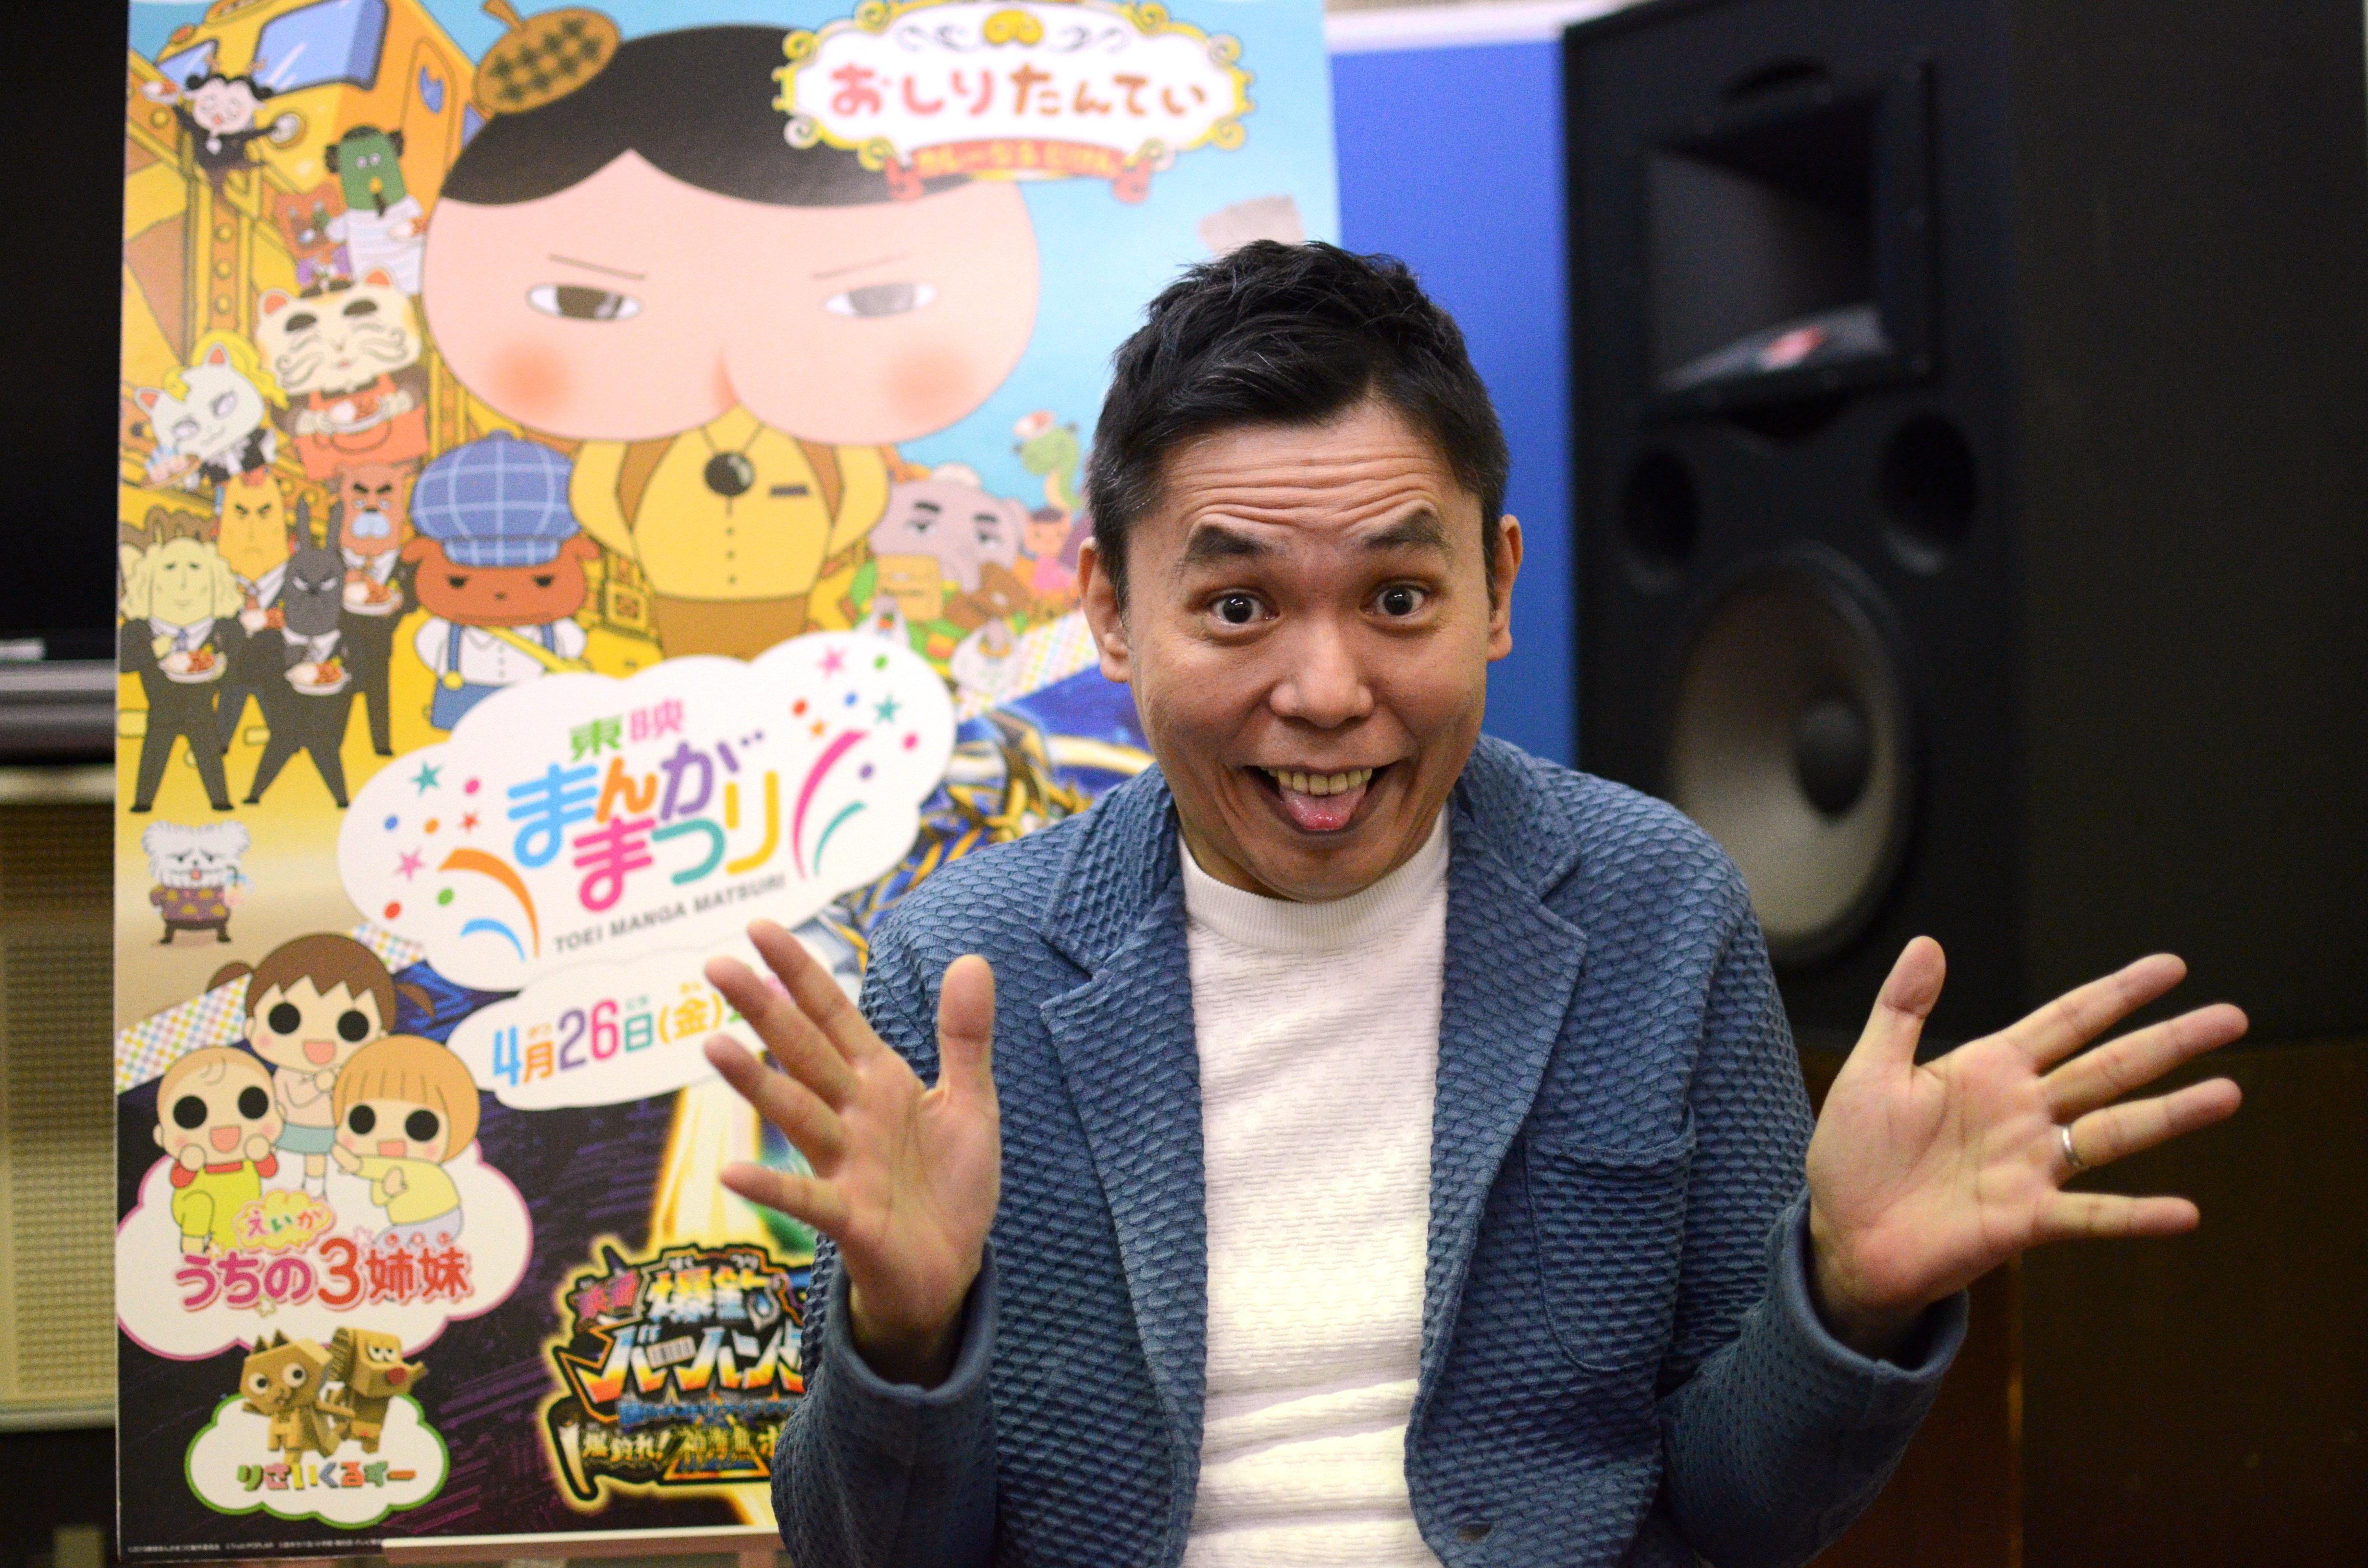 太田光さんが映画『おしりたんてい』の声優に。「子ども向けの純粋な